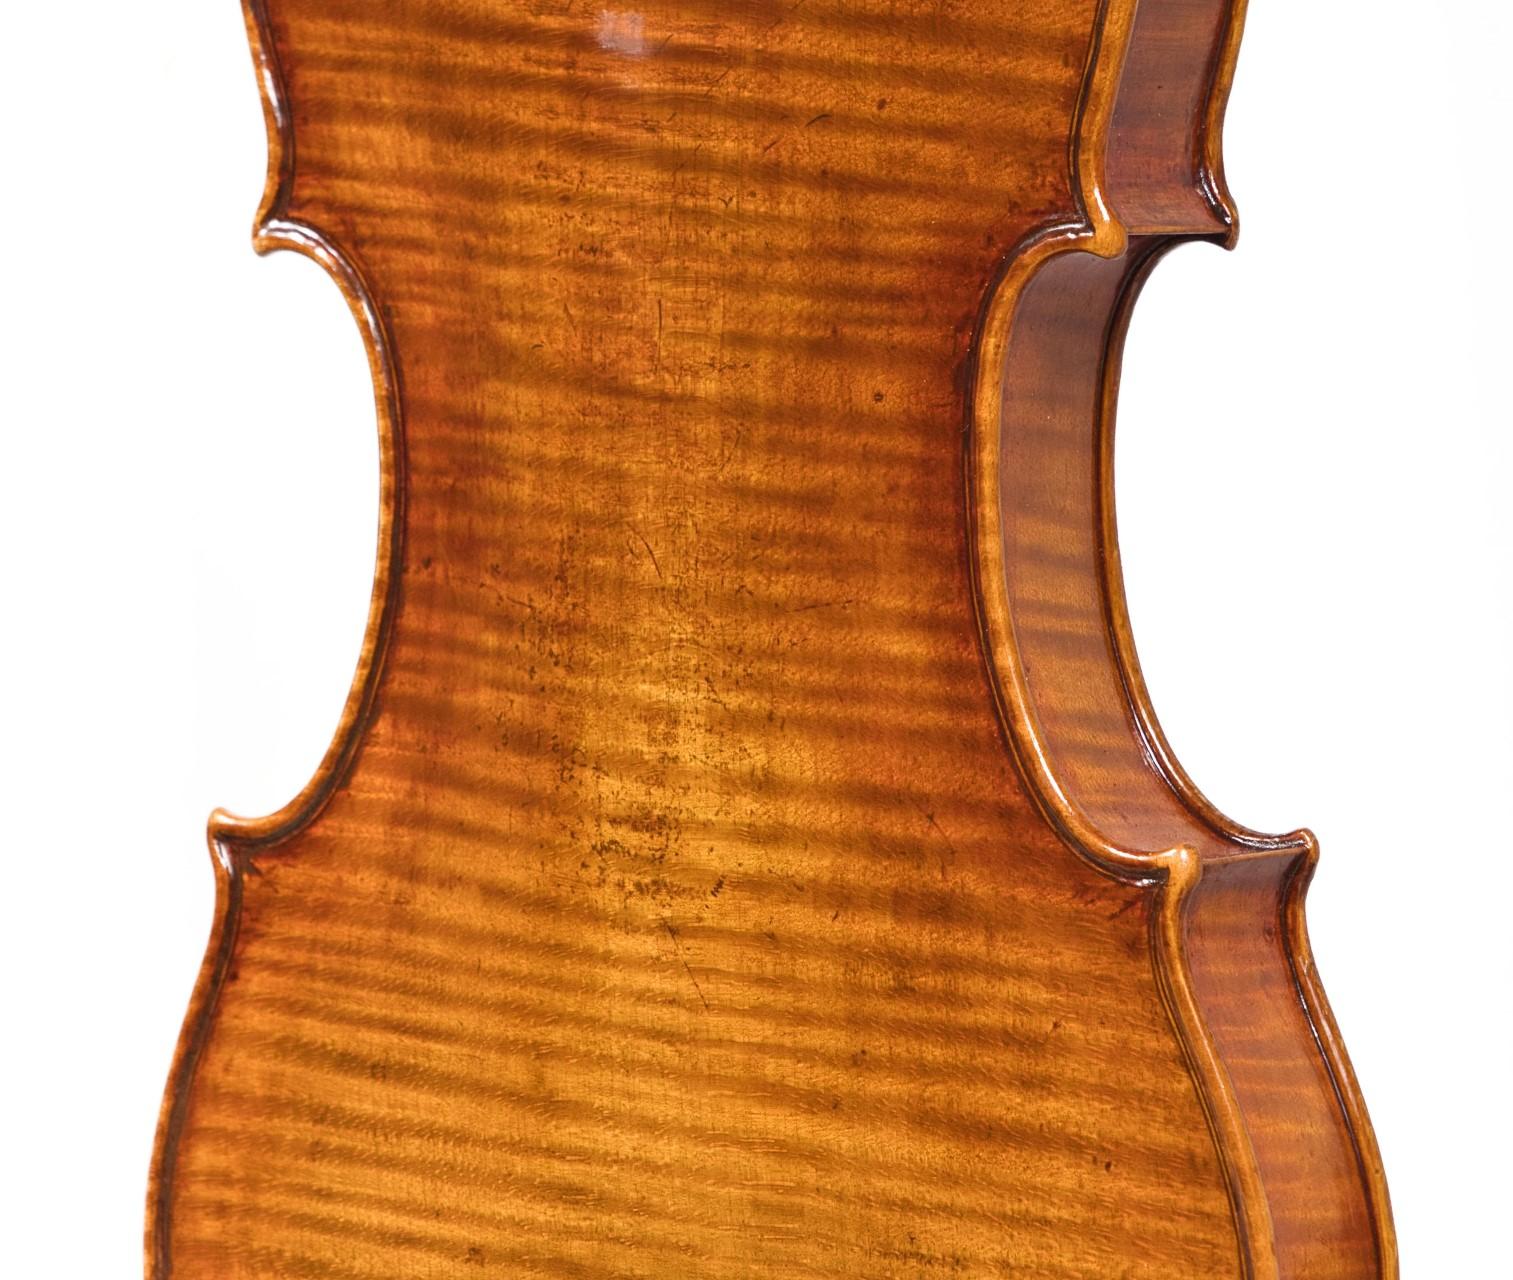 fine instrument